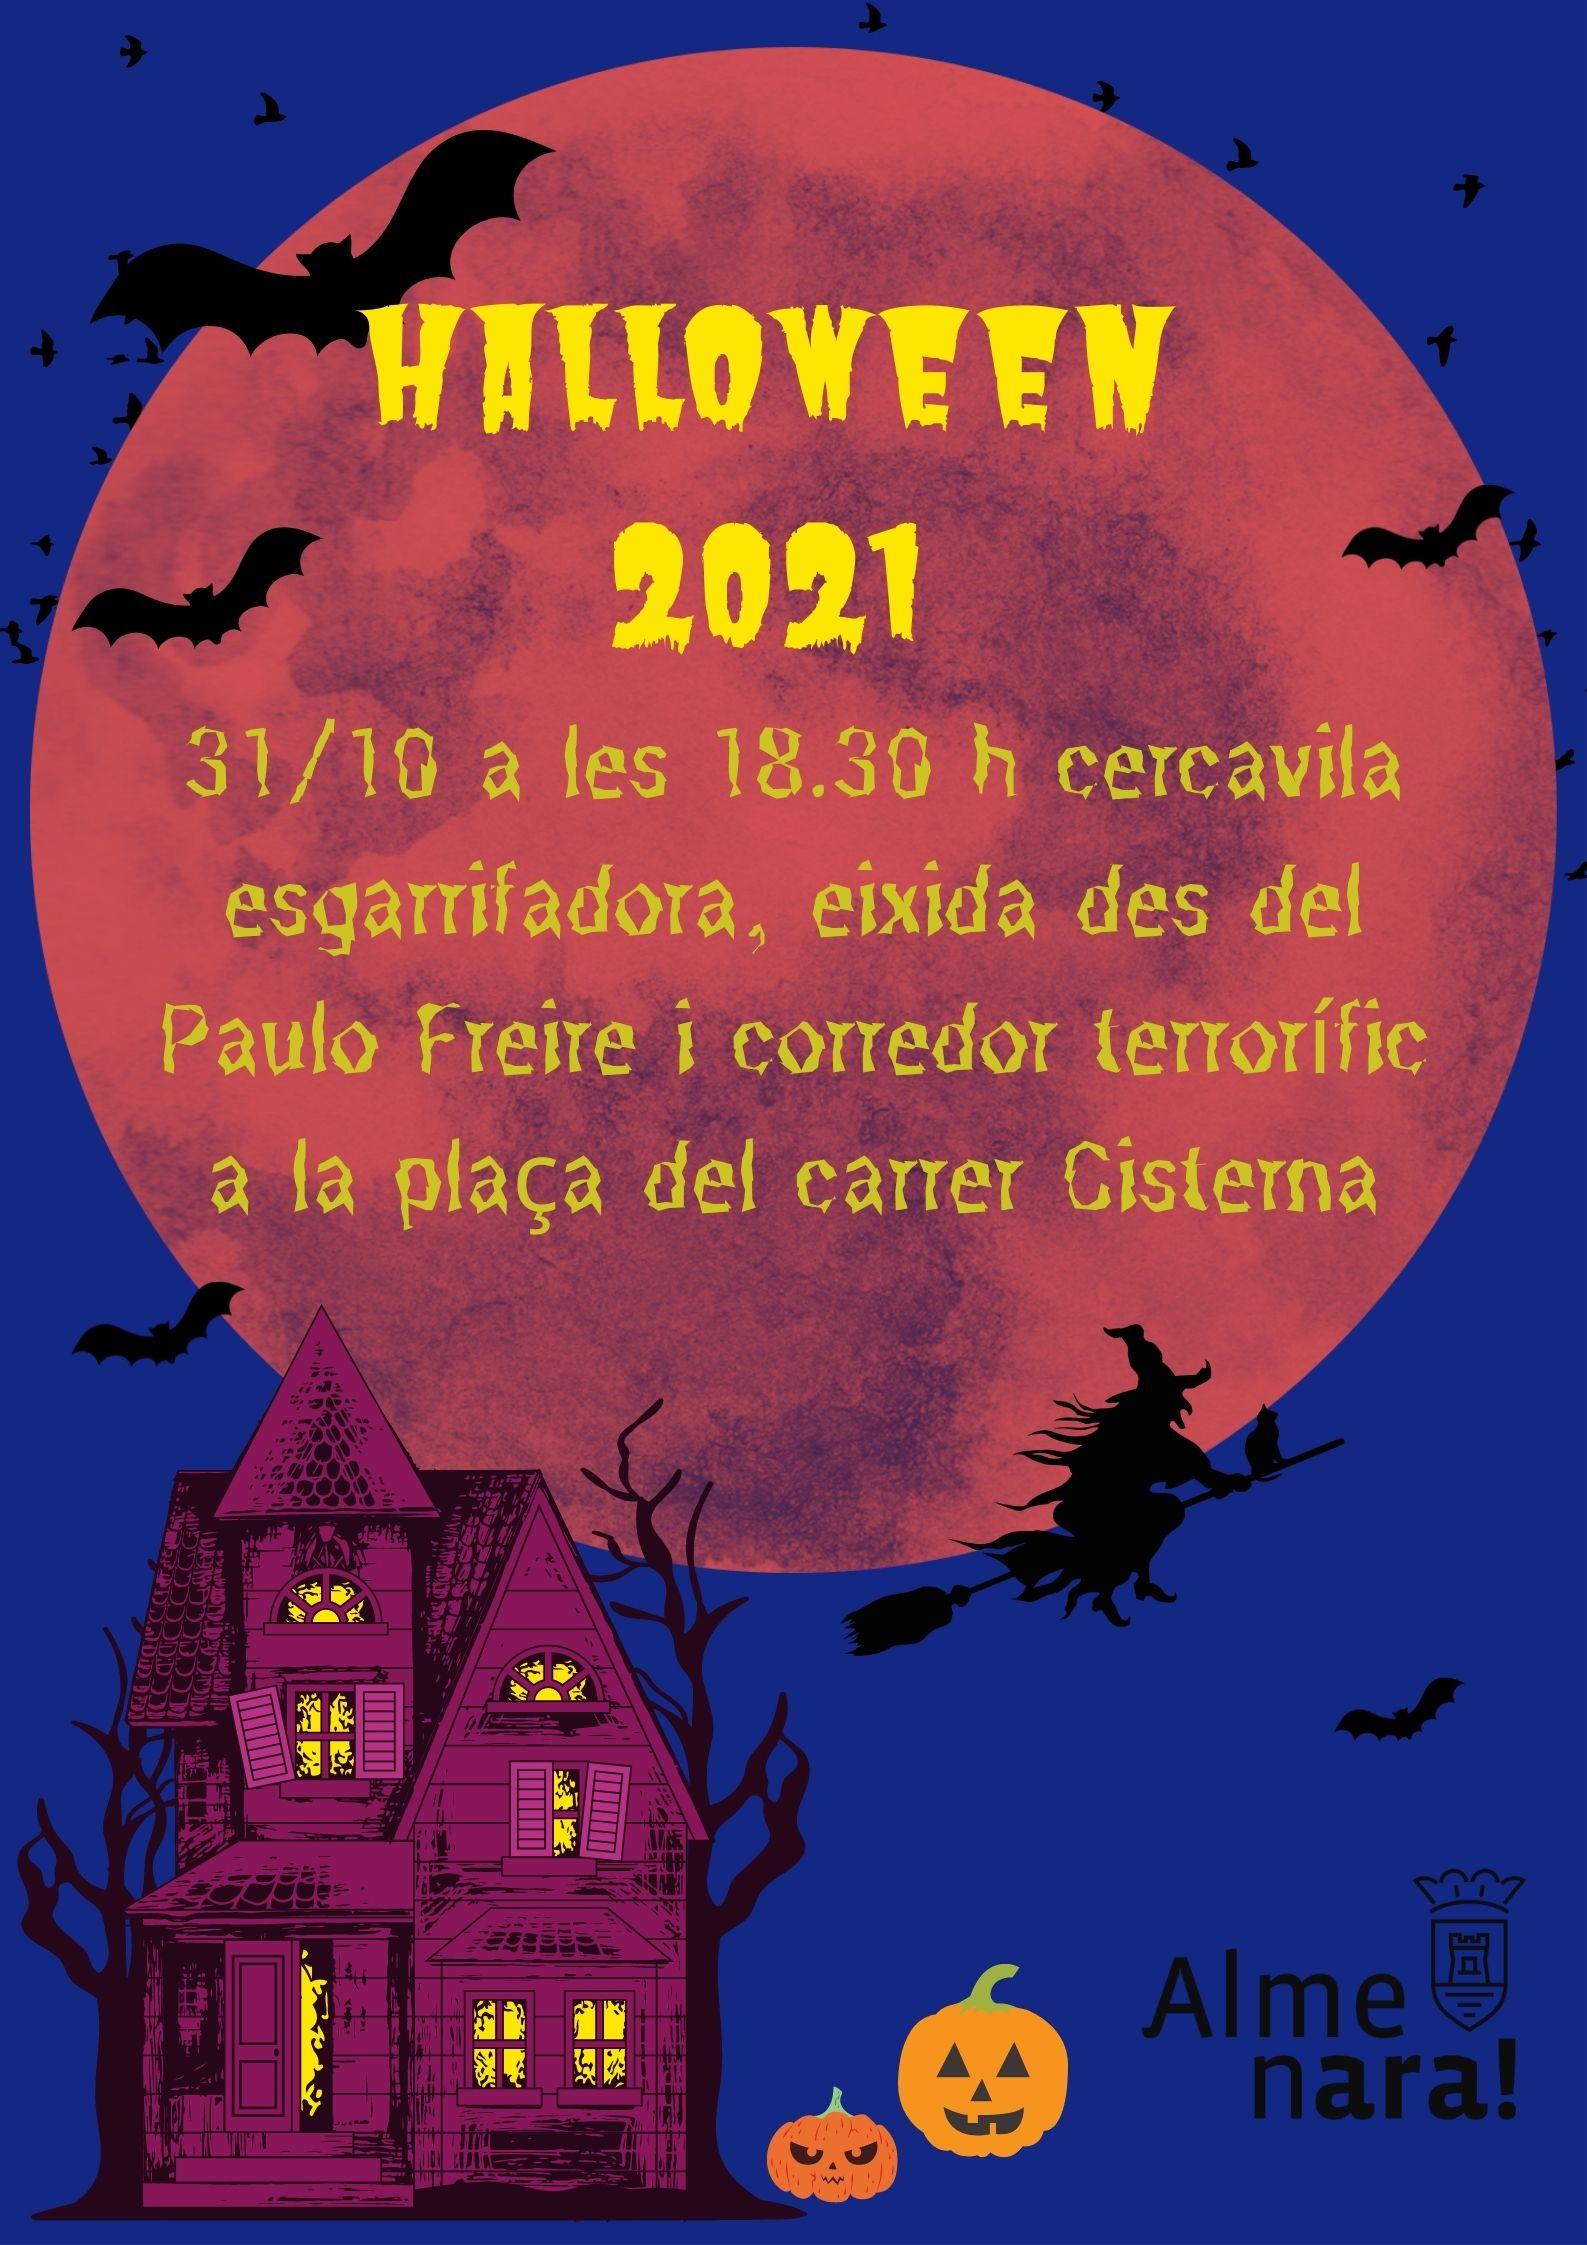 Almenara recupera la celebración de Halloween el próximo 31 de octubre